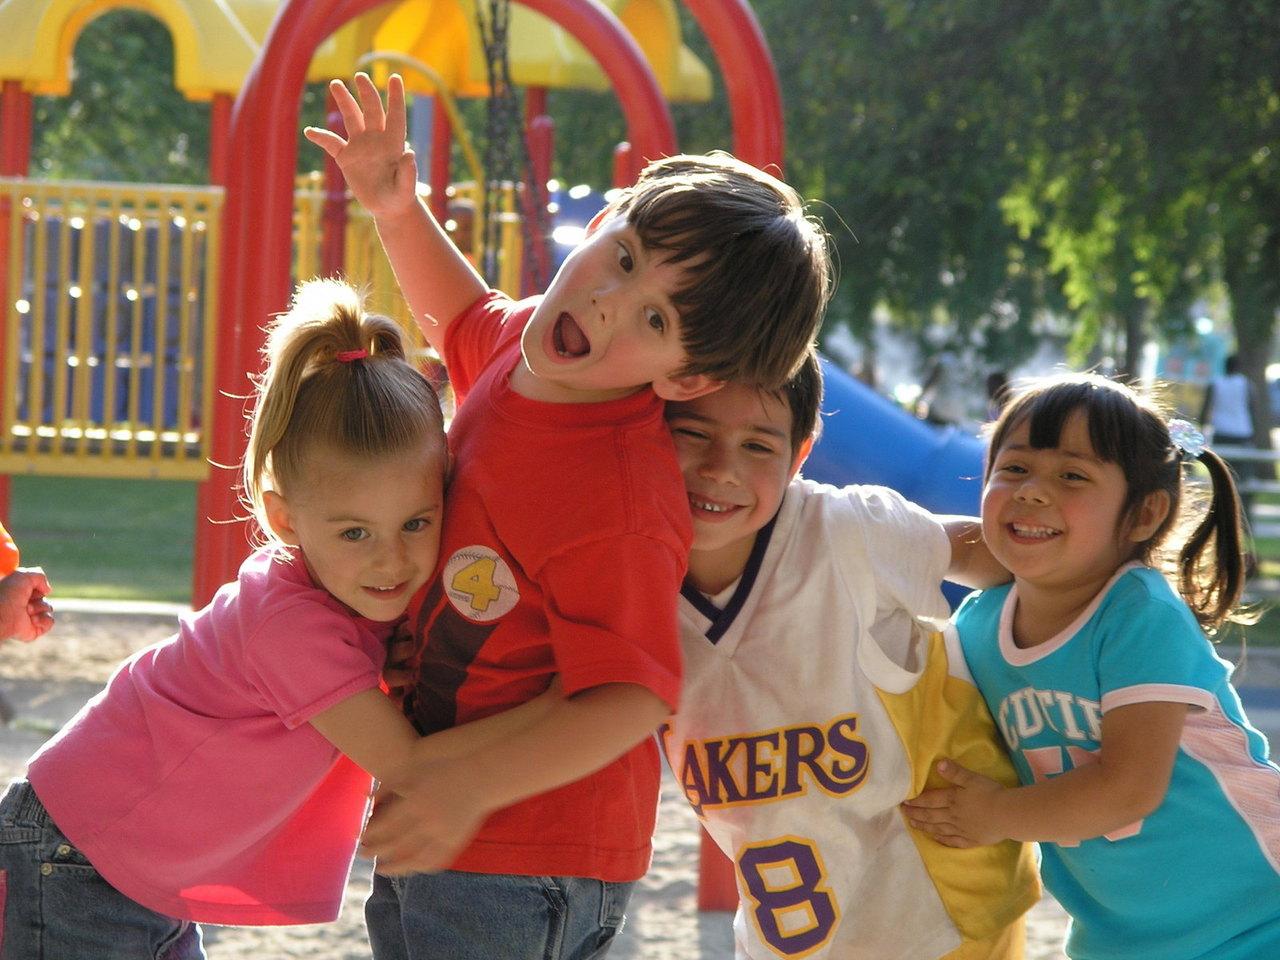 Abiks lastevanematele! Mida jälgida kindlustamise juures enne kooliaasta algust?